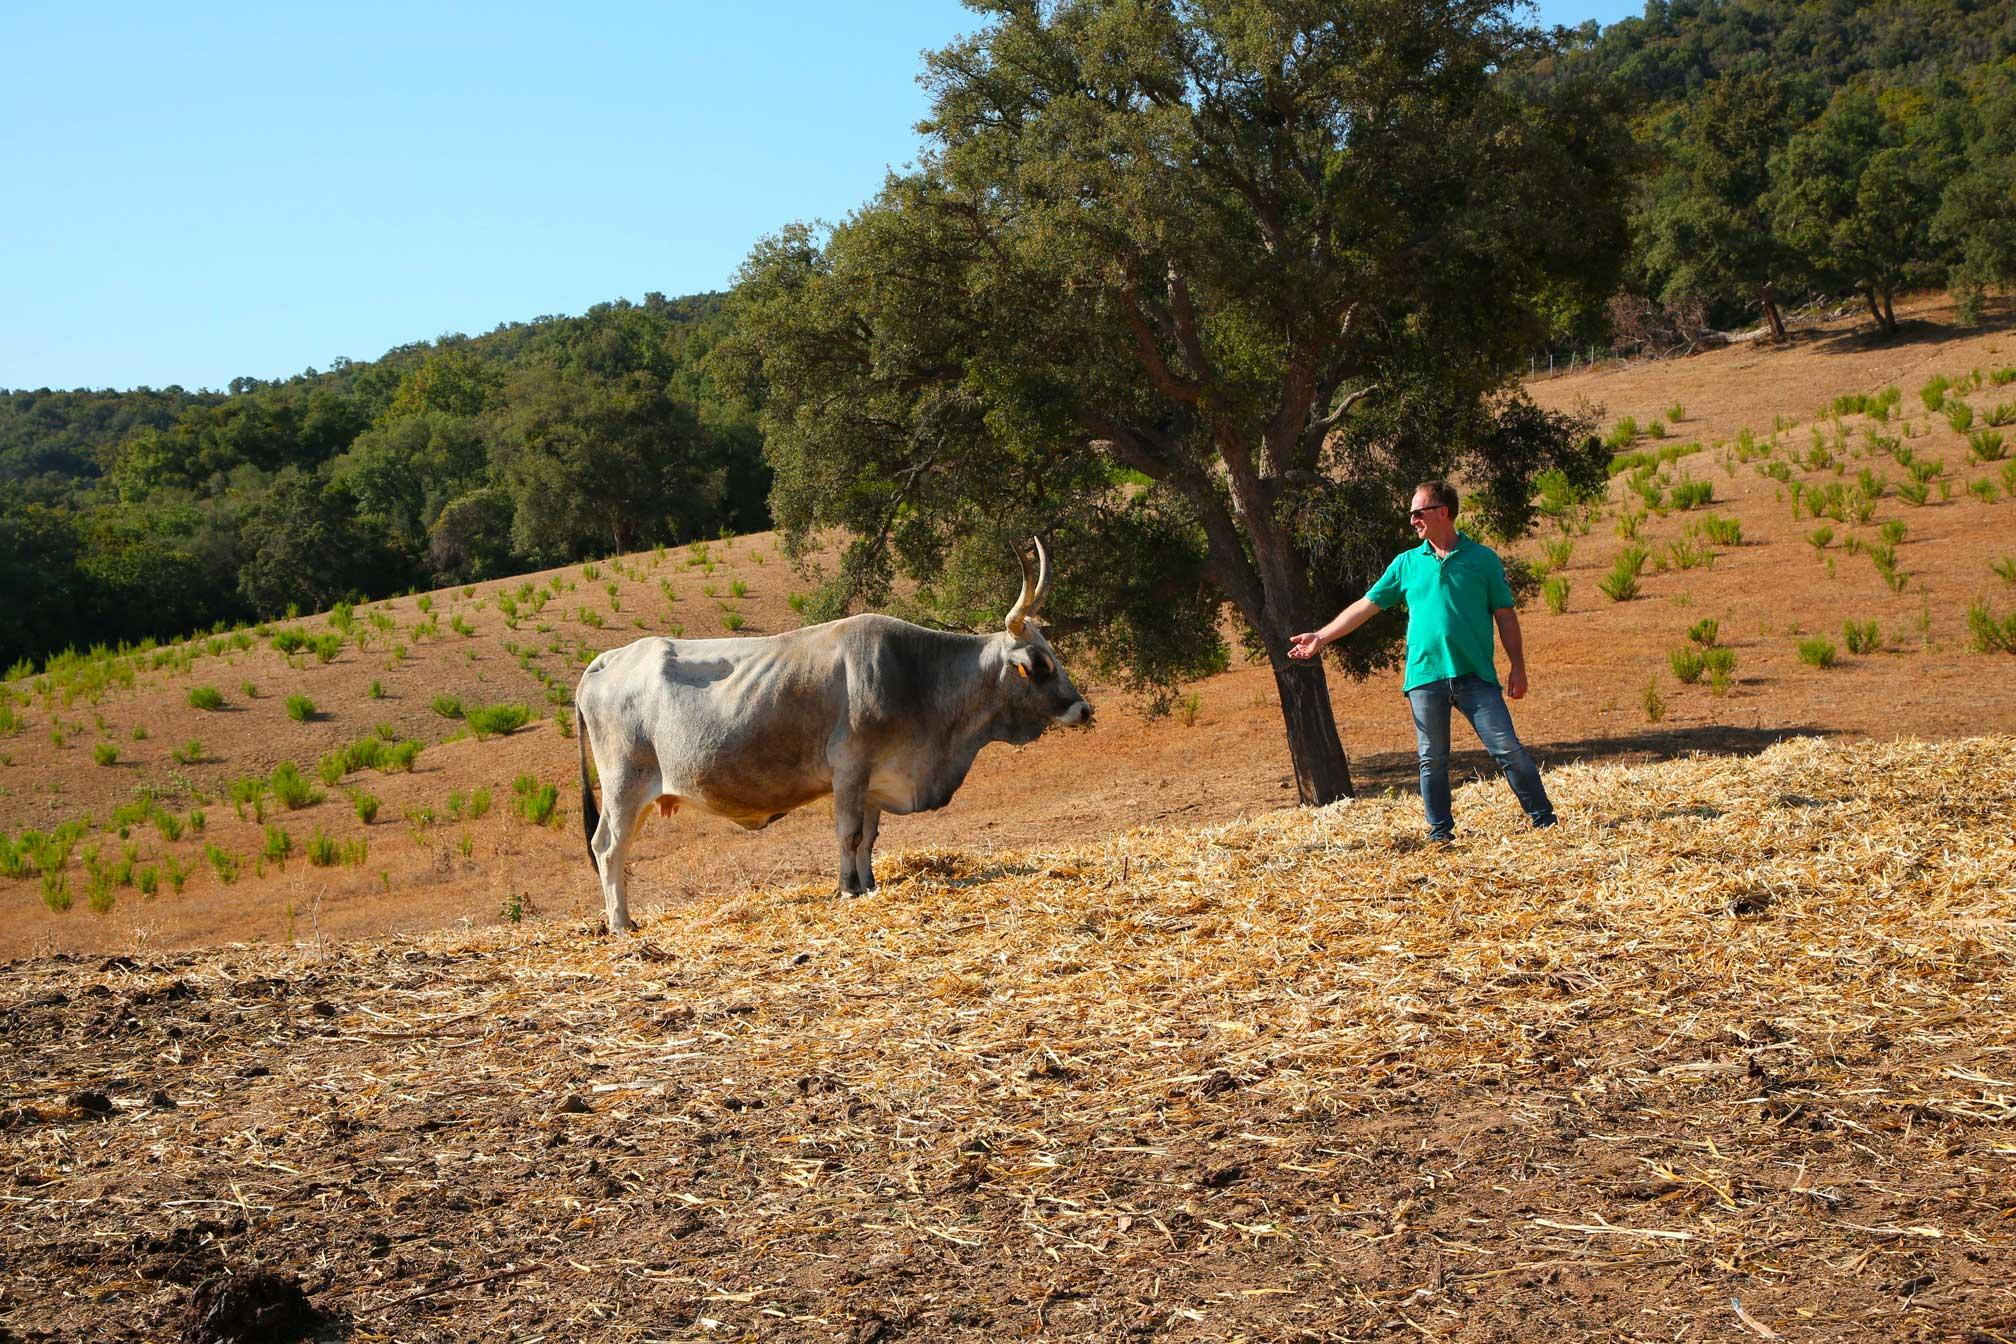 Raffaele Giannarini con un bovino di razza maremmana - I Piaceri della Maremma - Tenuta Santa Barbera